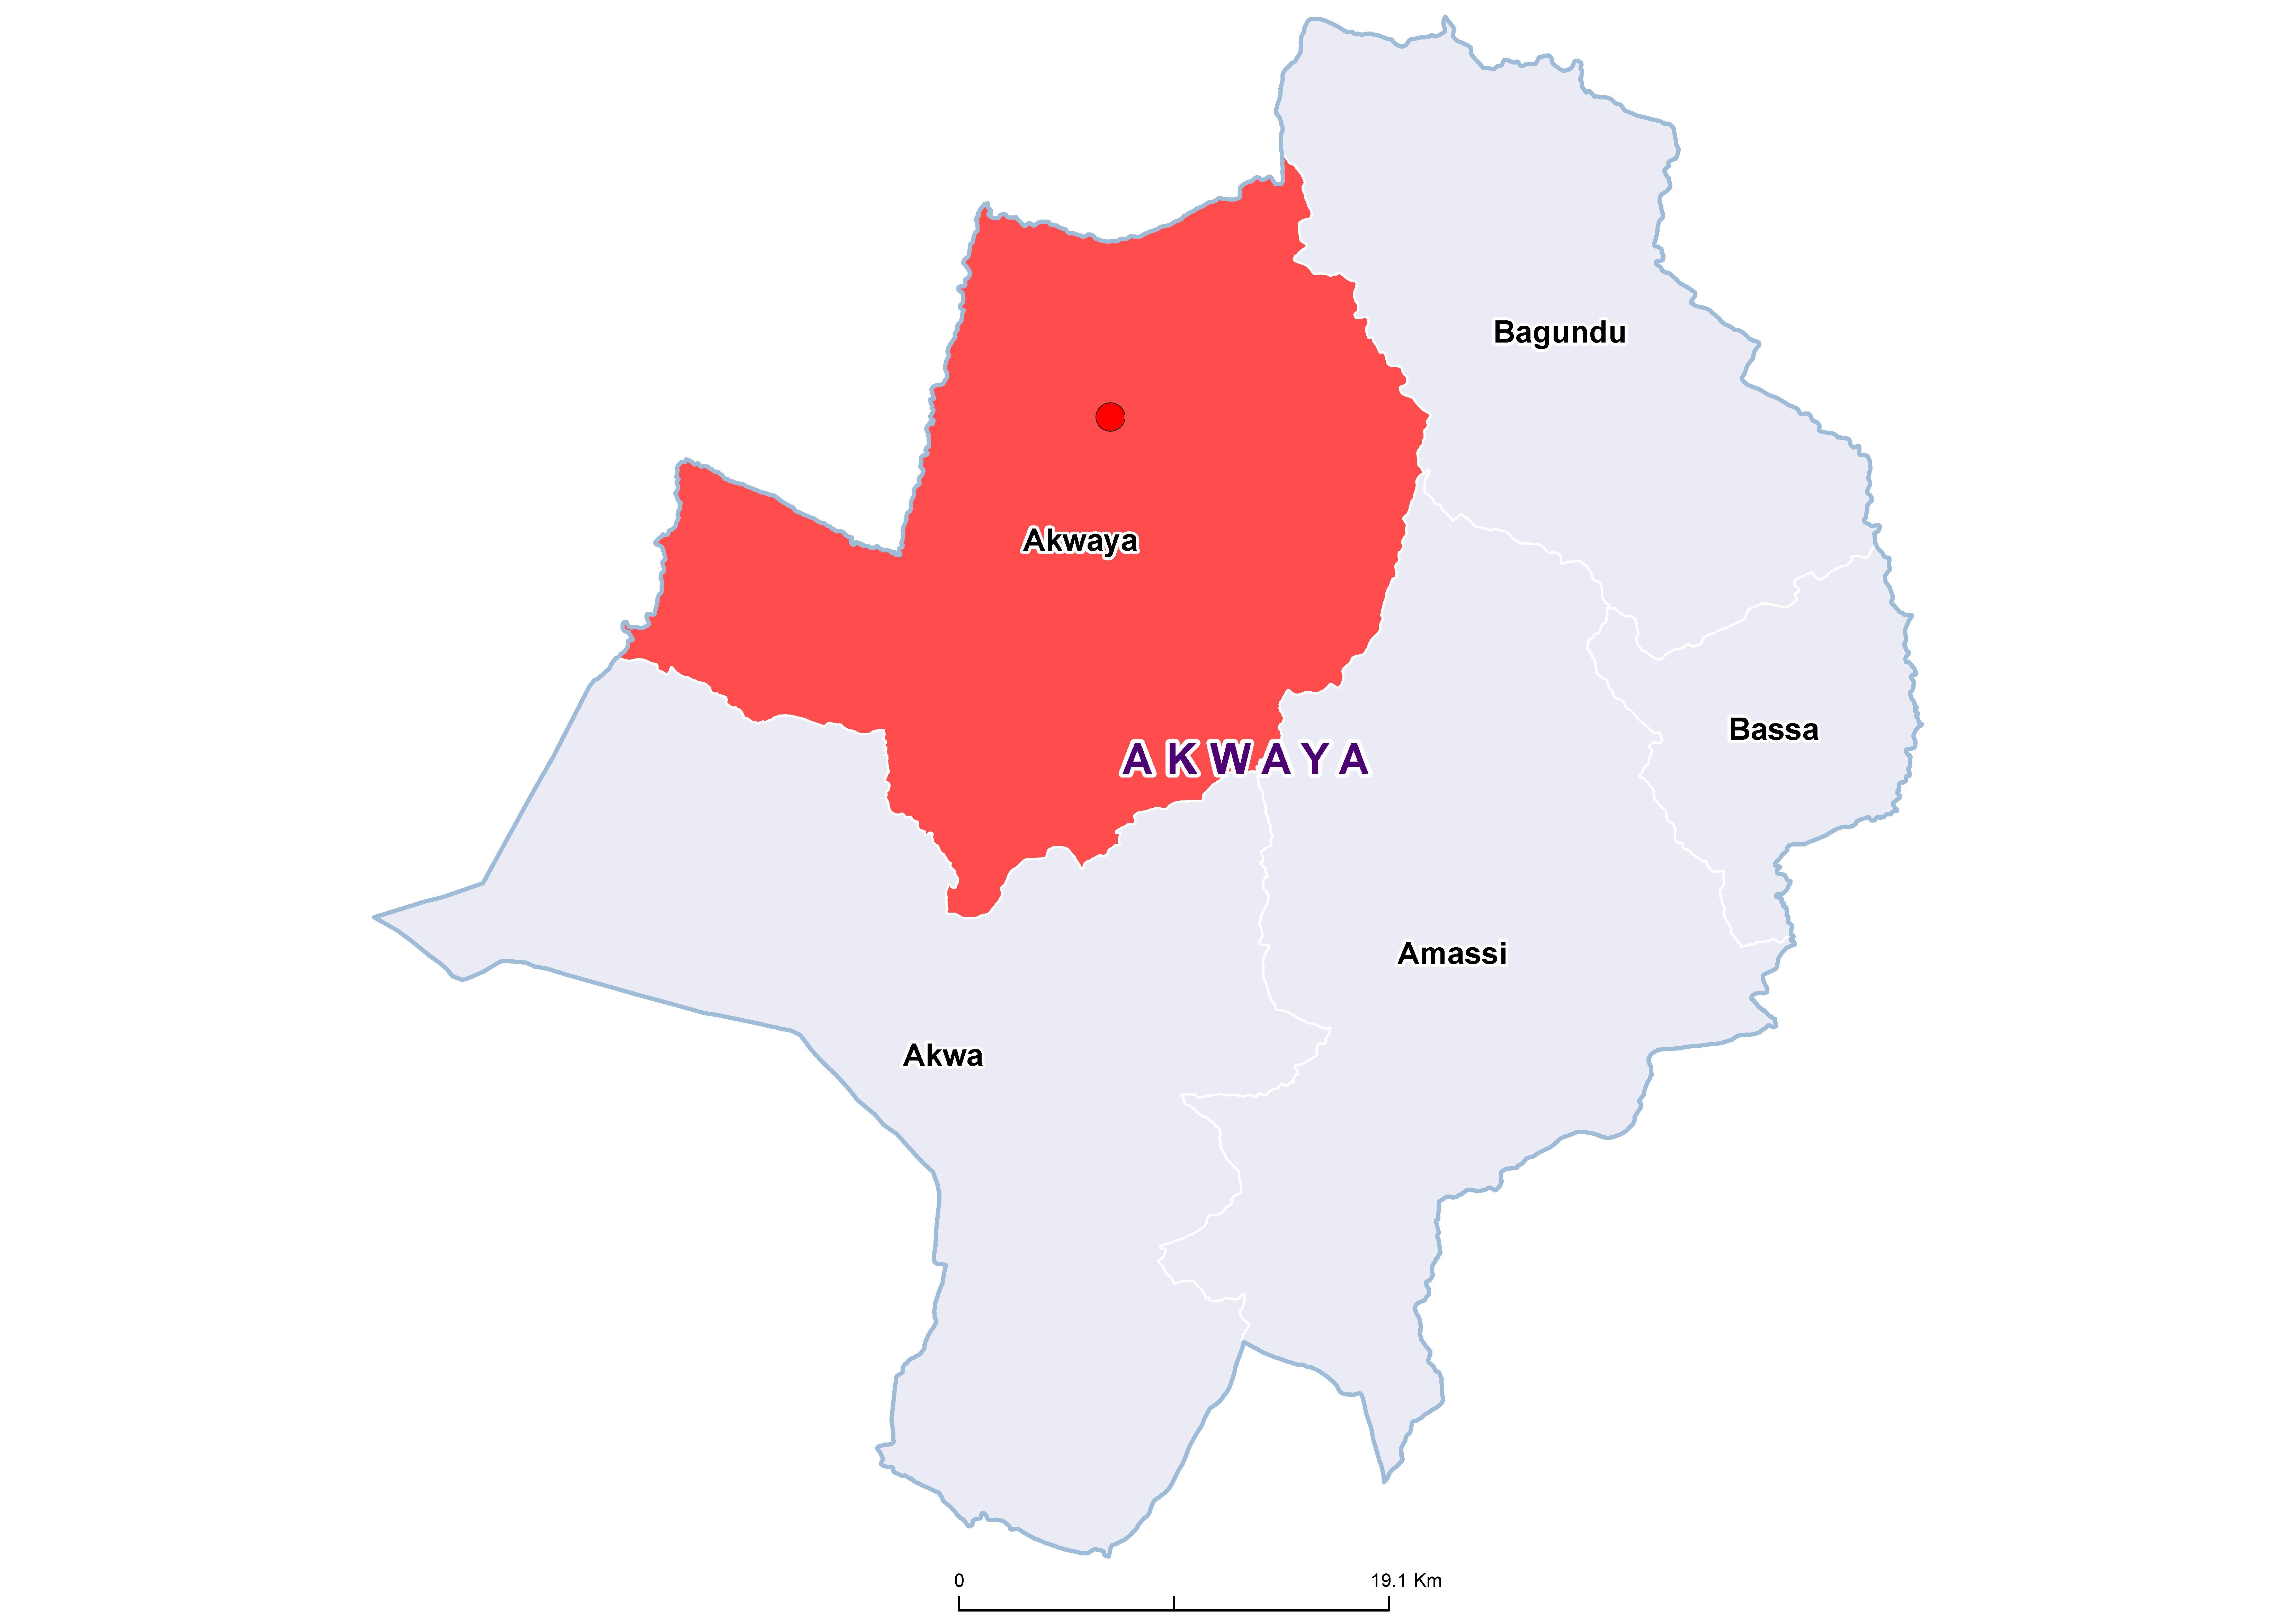 Akwaya STH 20100001